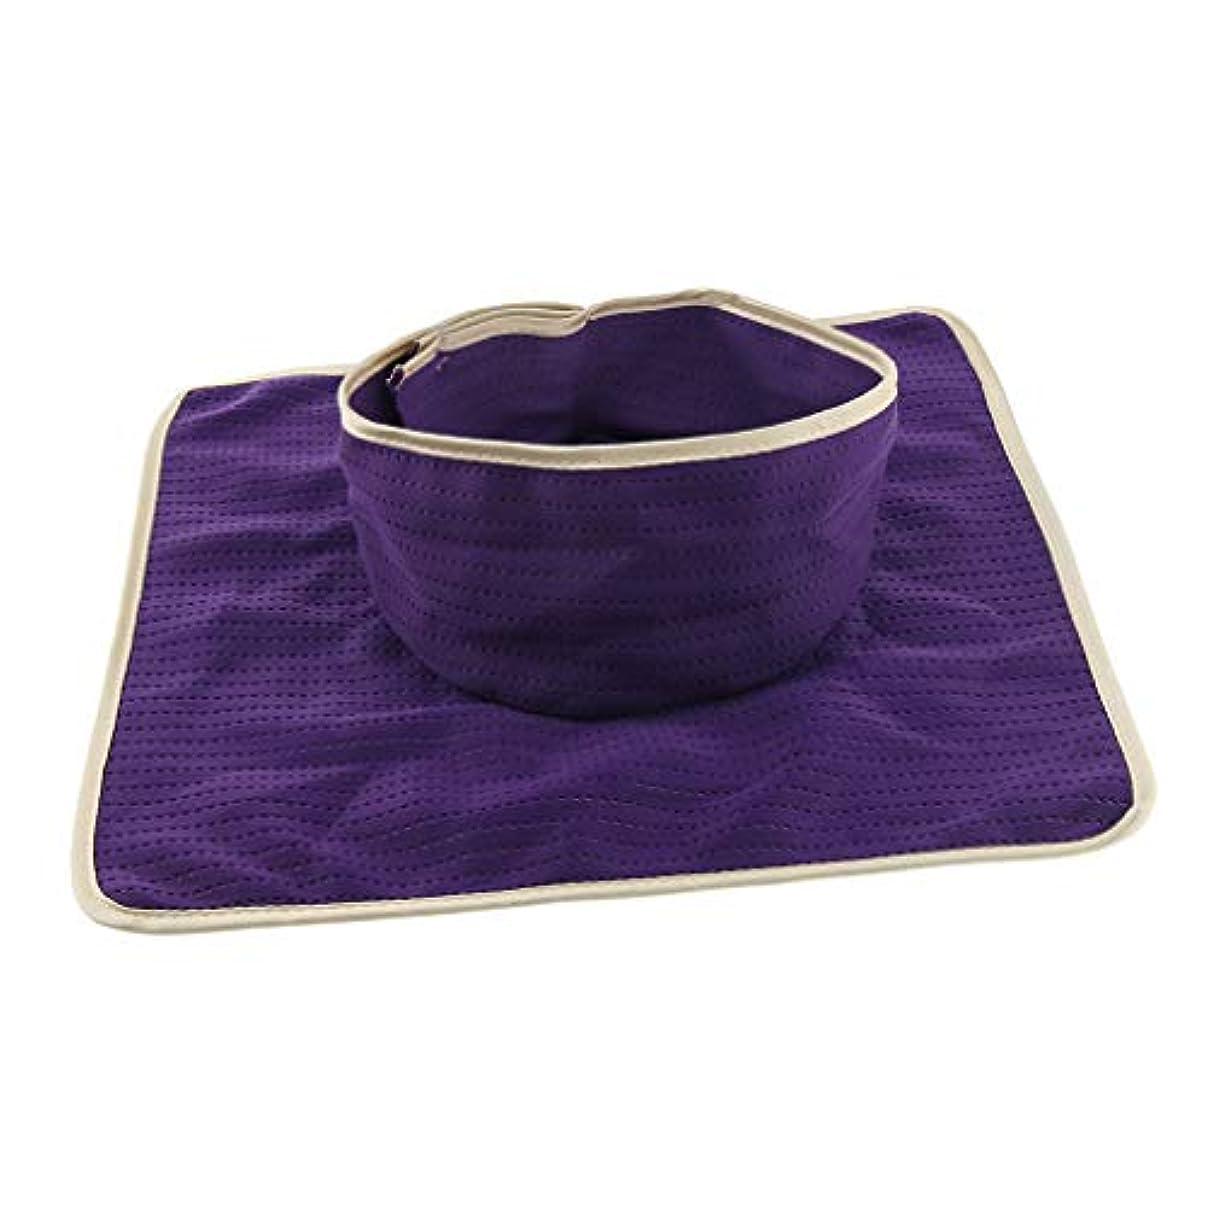 趣味素人仲介者マッサージ ベッドカバー シート パッド 洗濯可能 再利用可能 約35×35cm 全3色 - 紫